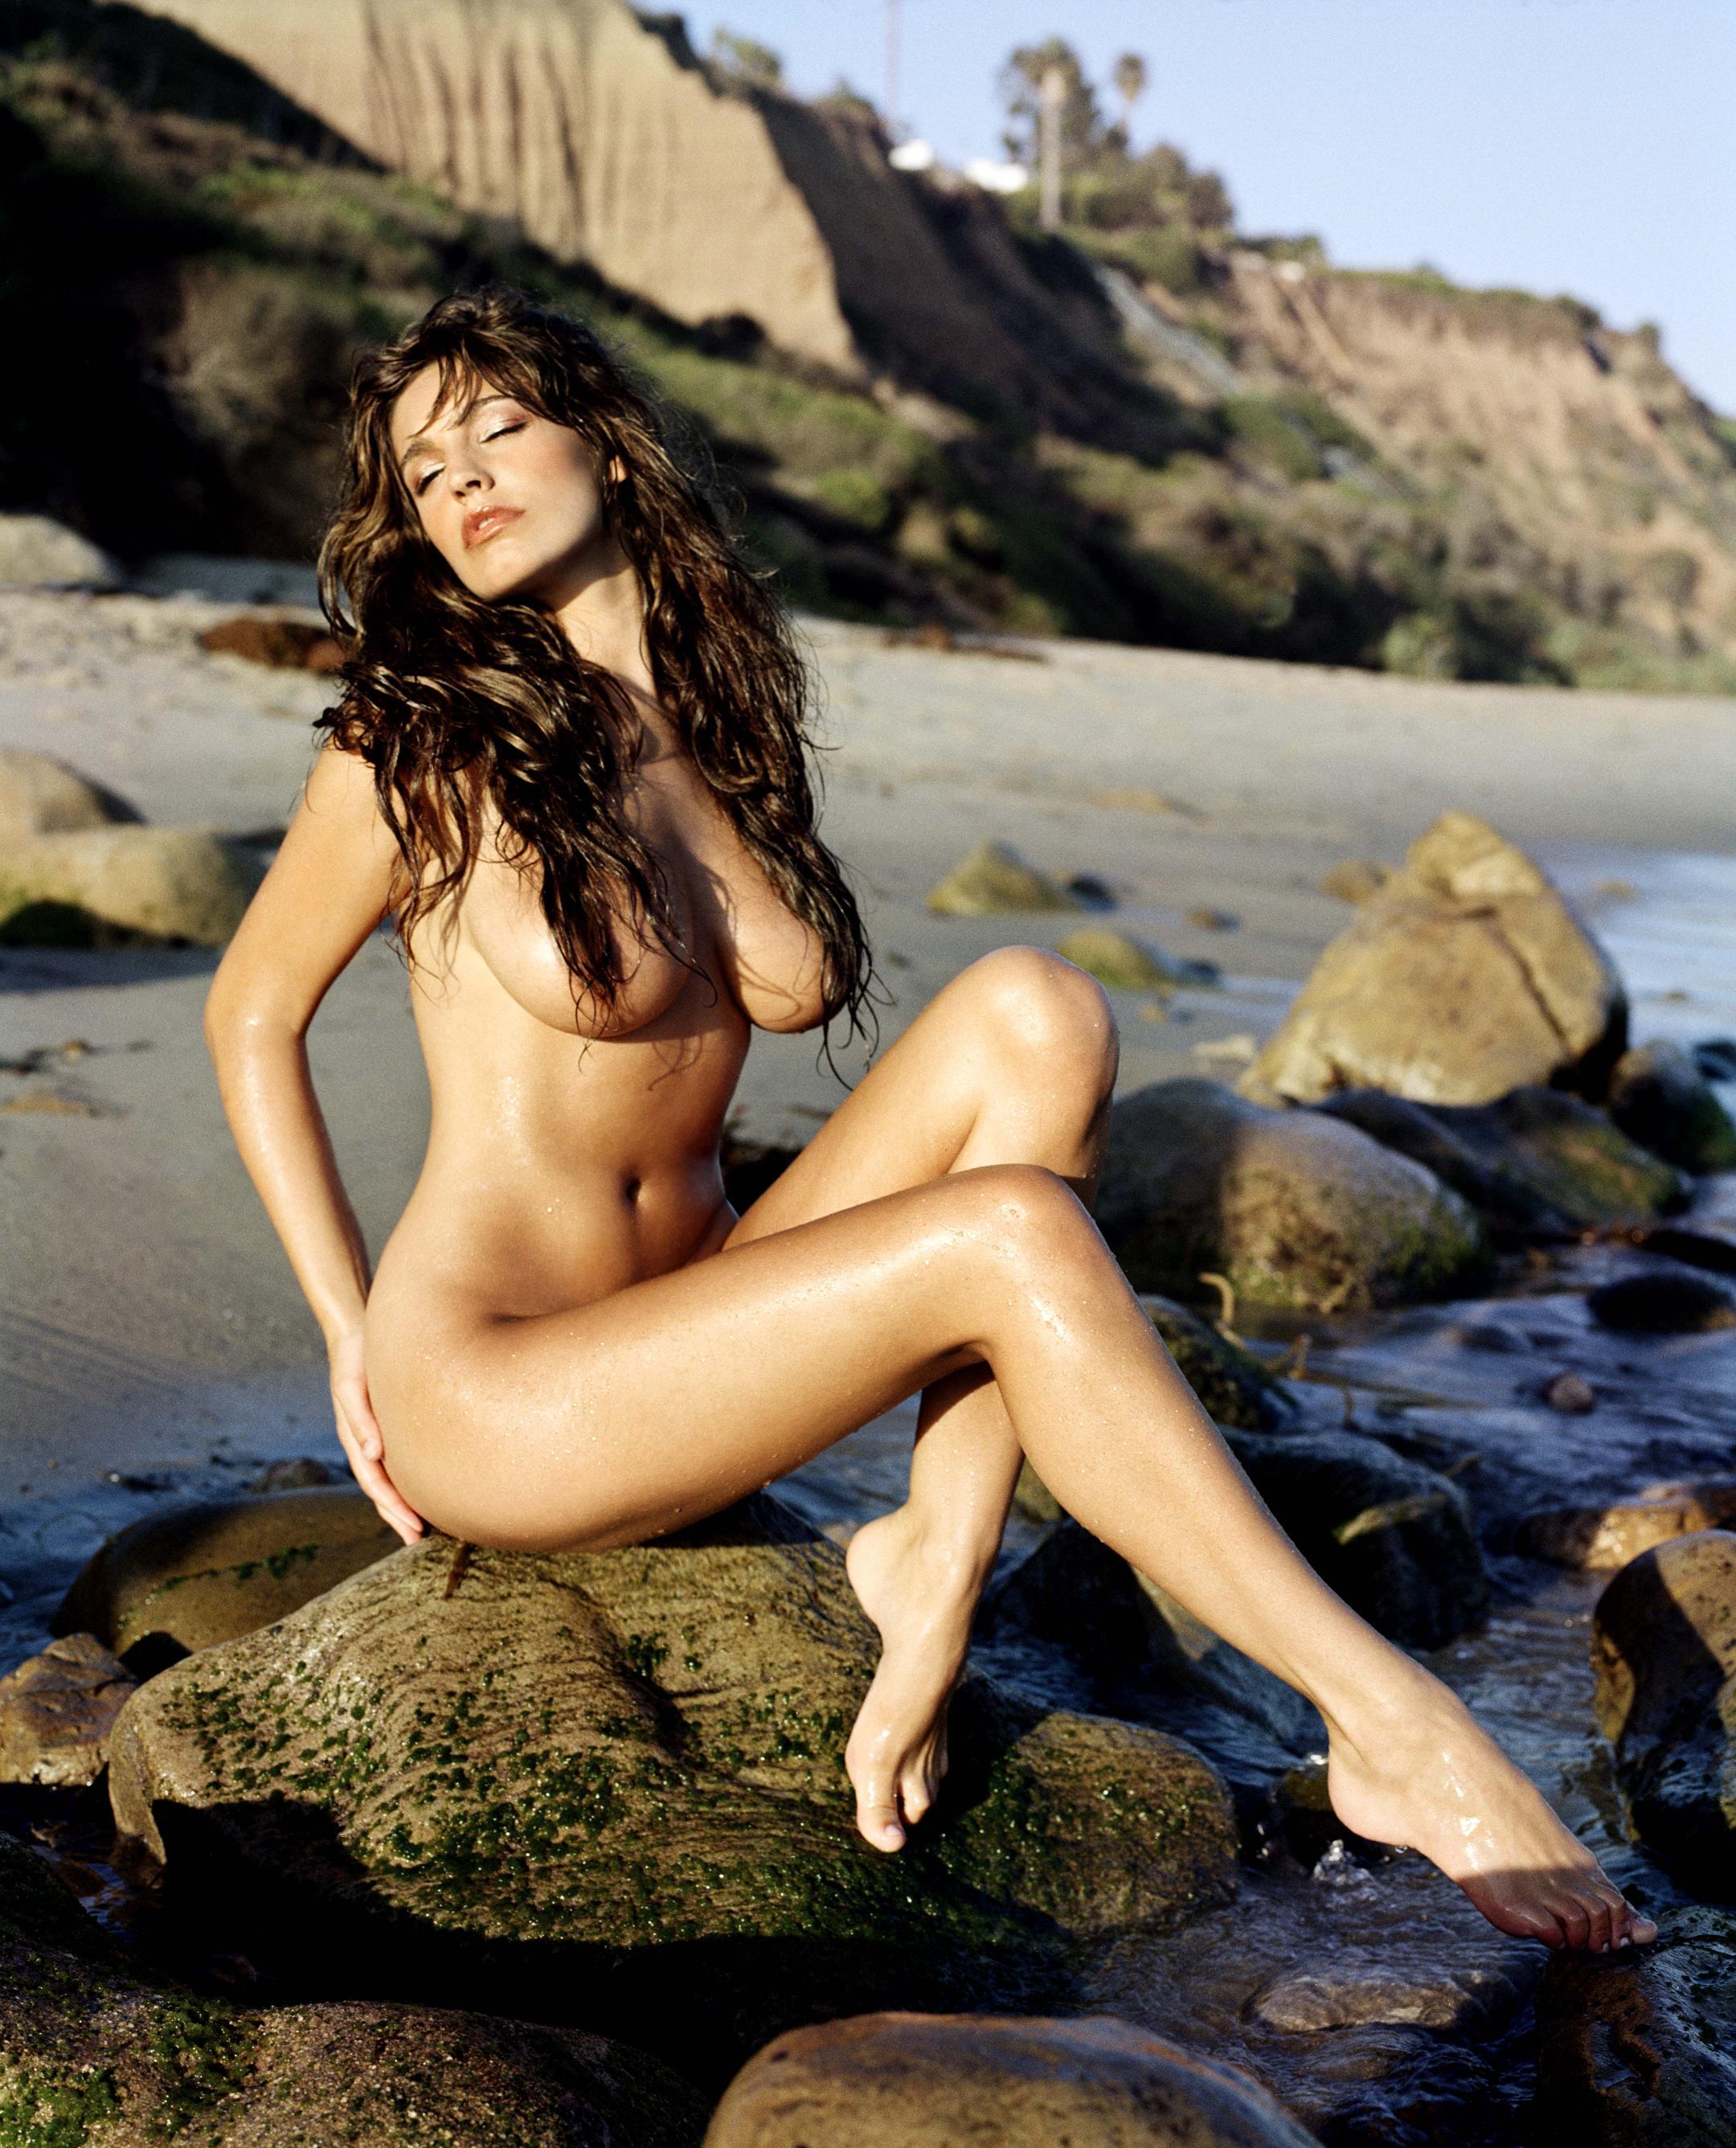 Фото красивих голих девушек 13 фотография